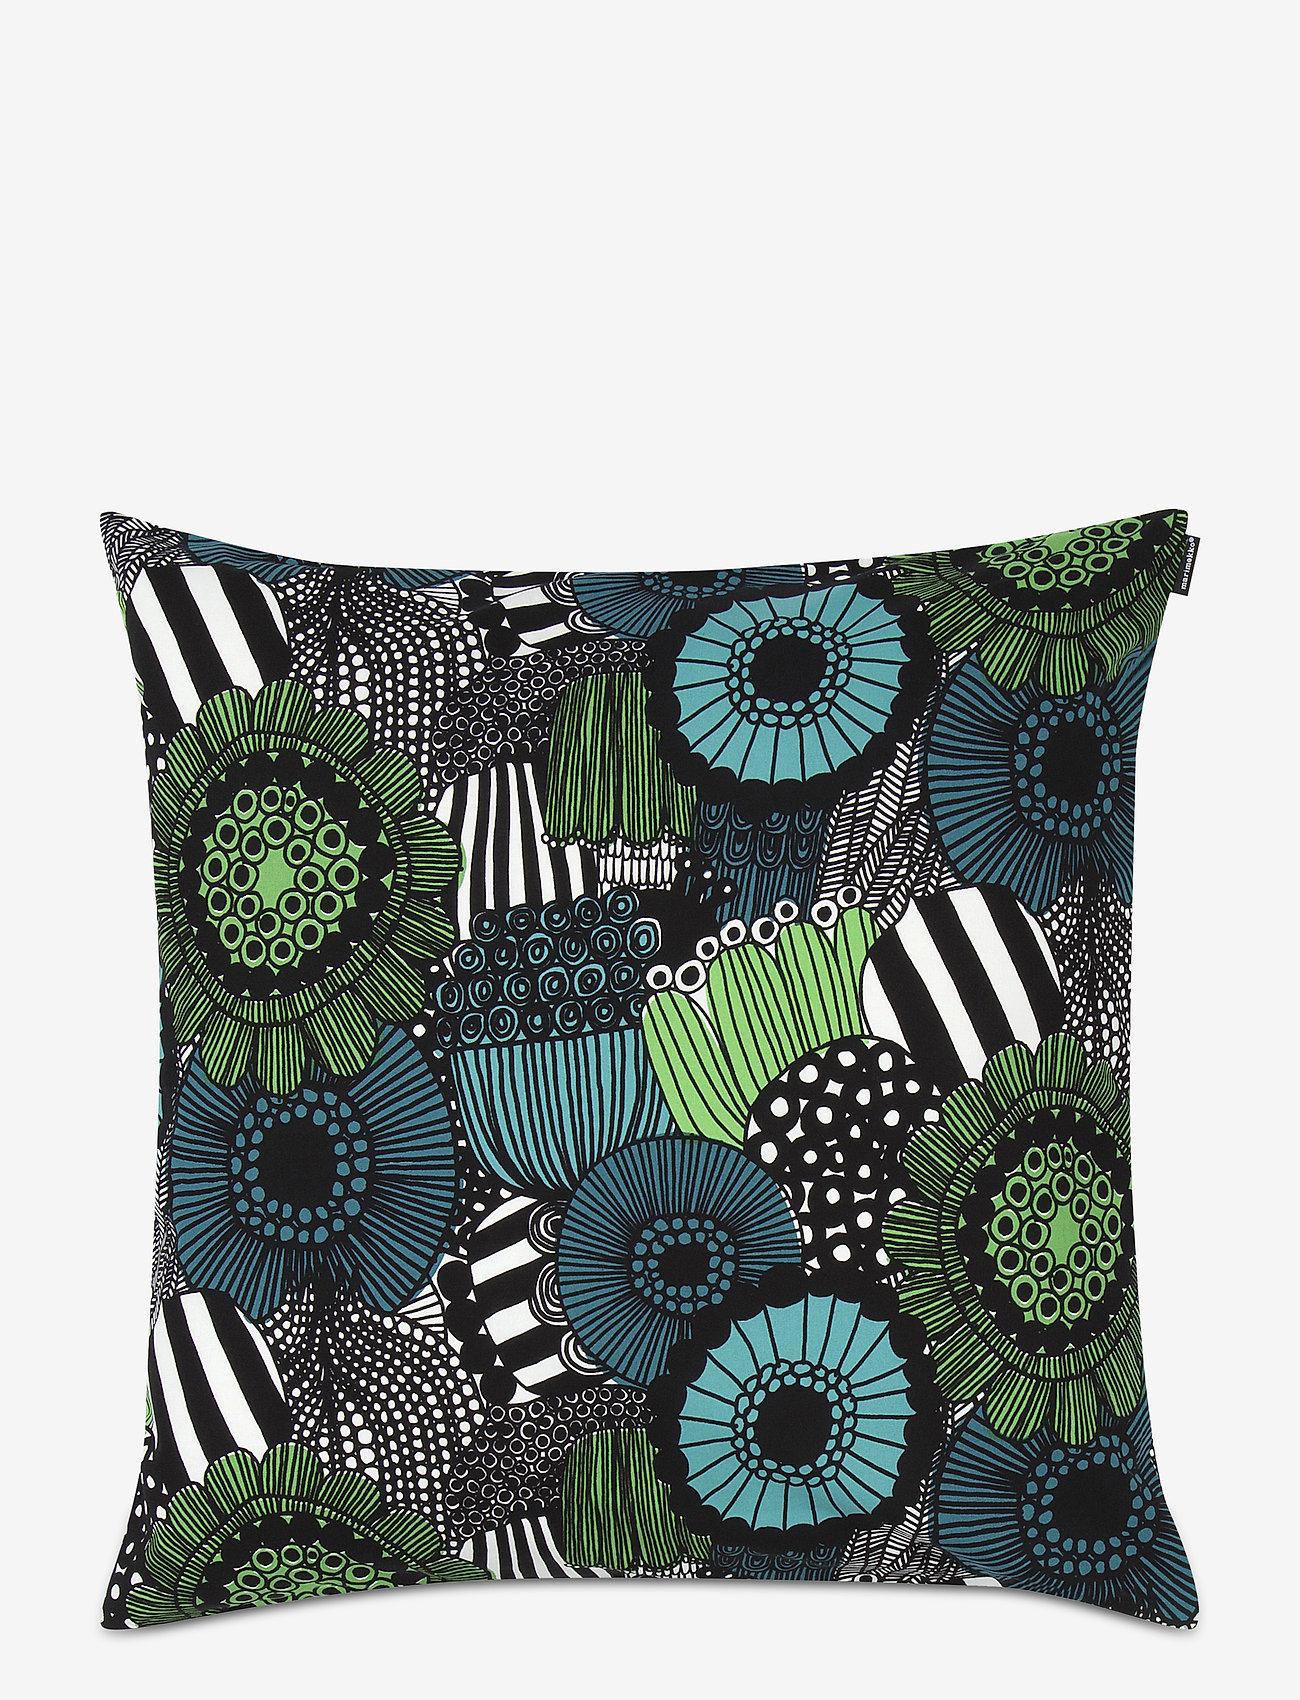 Marimekko Home - PIENI SIIRTOLAPUUTARHA CUSHION COVER - poszewki na poduszki ozdobne - white, green - 0